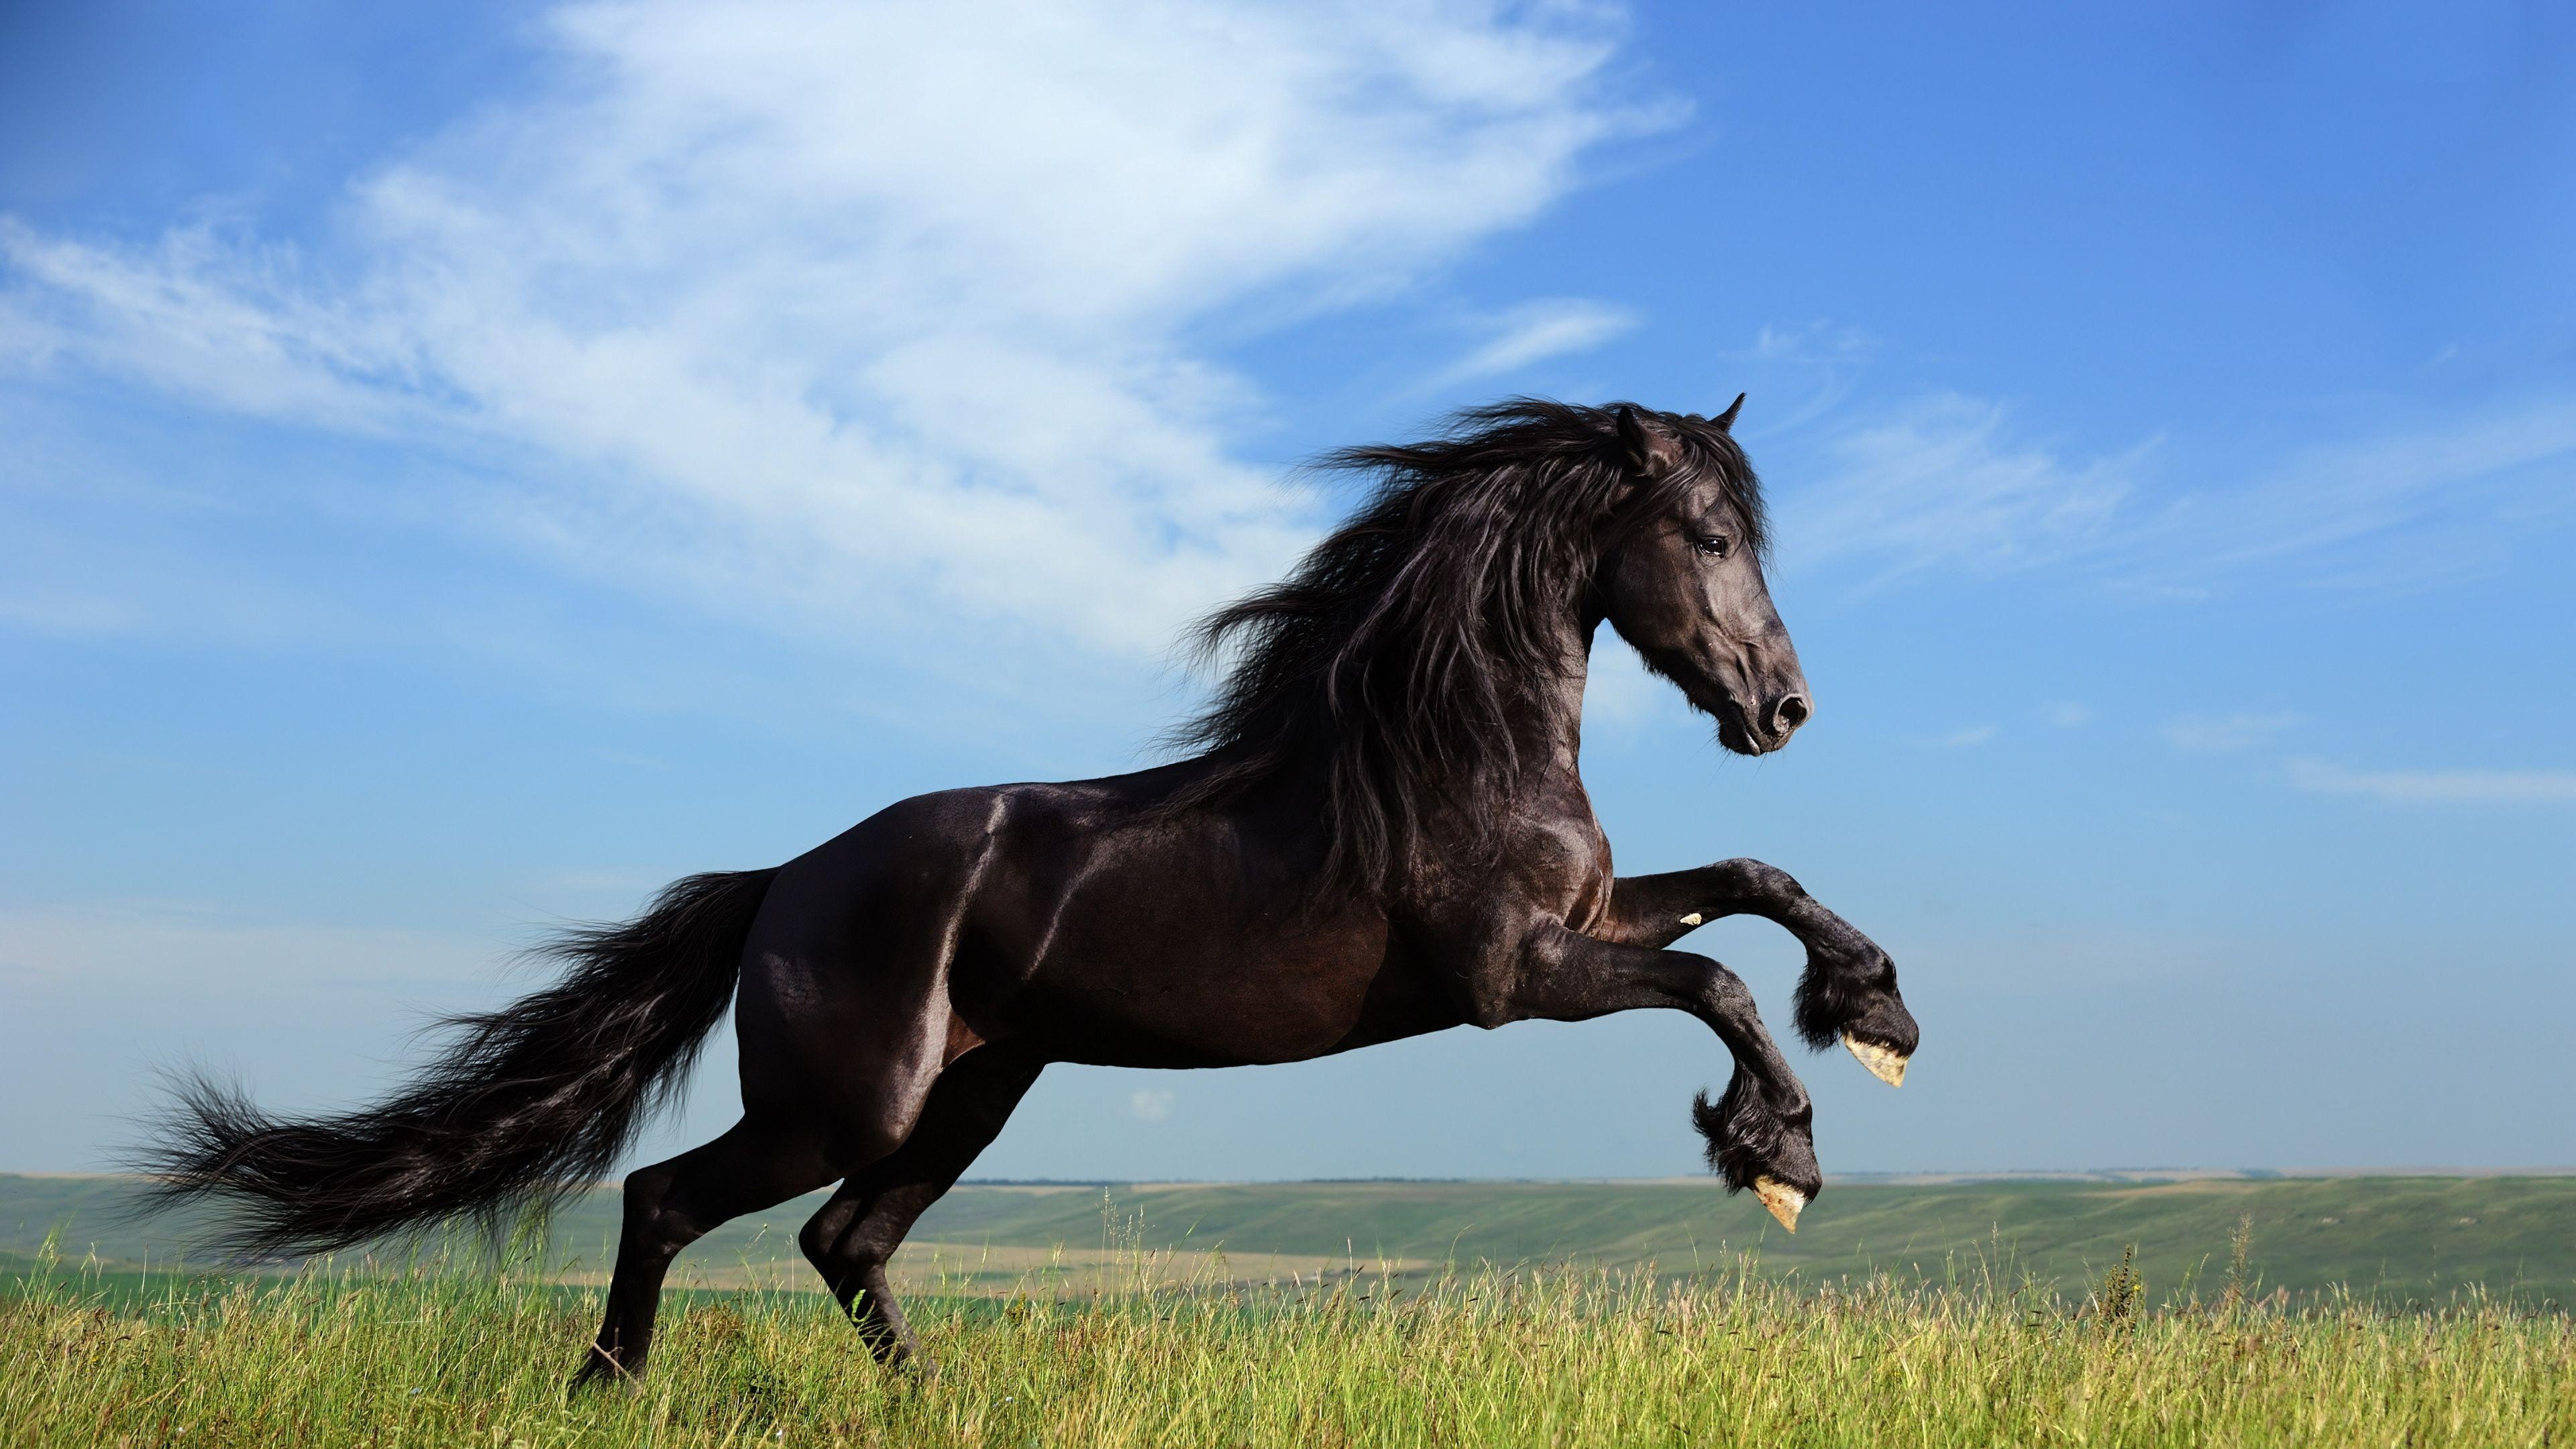 Great Wallpaper Horse Ultra Hd - ed83e58cd96c75de18ce552a9ddf3d2d  Pic_605811.jpg